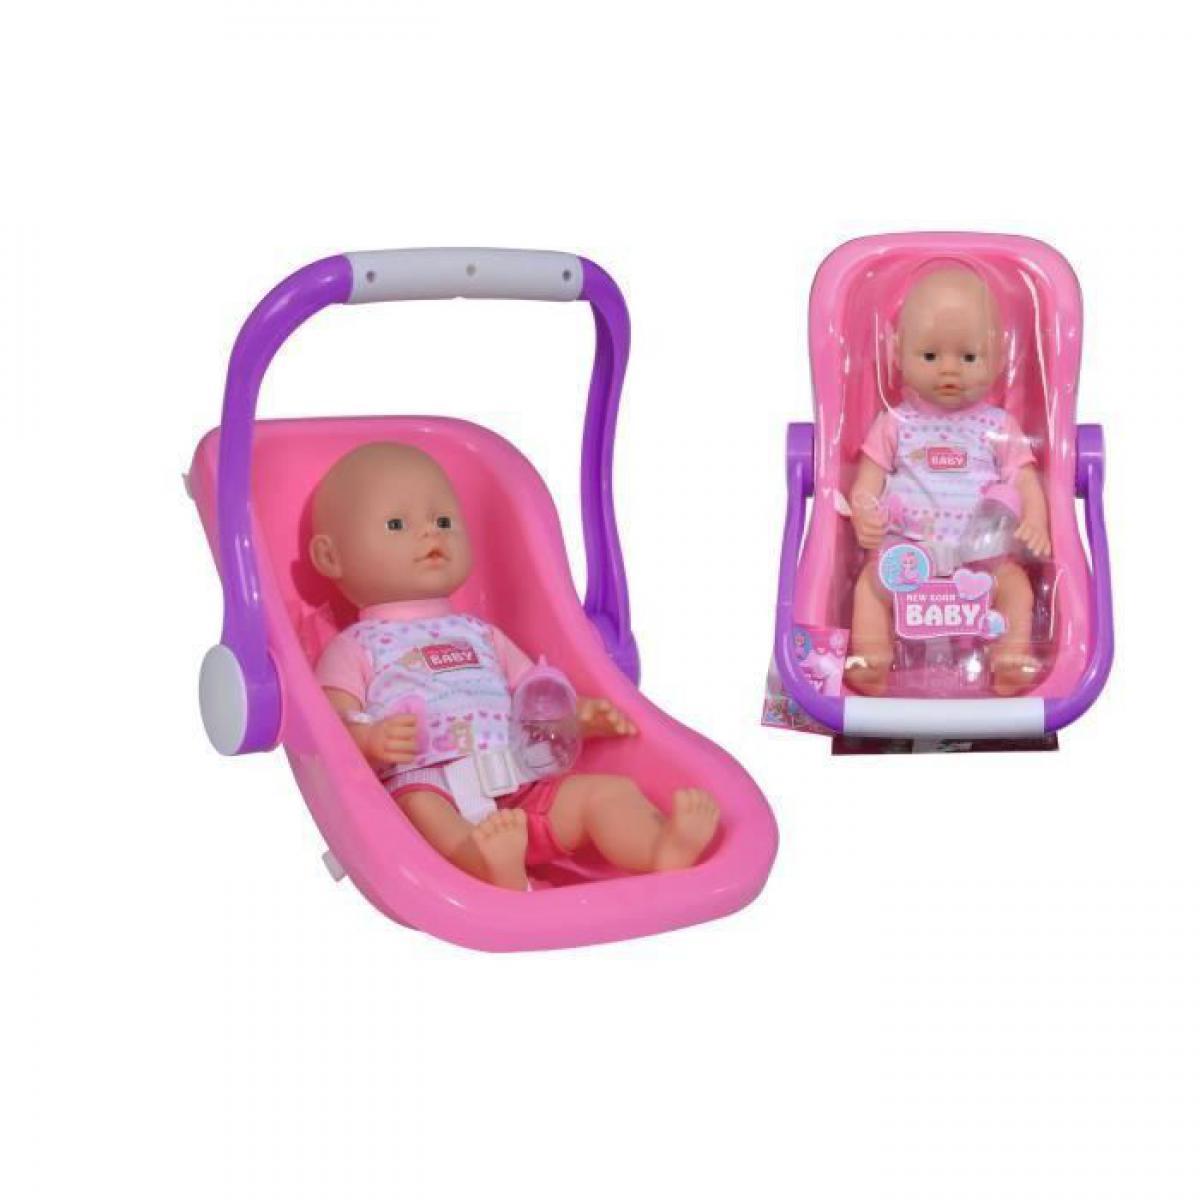 Simba Toys SIMBA New Born Baby Poupon Fonction Pipi + Siege Auto